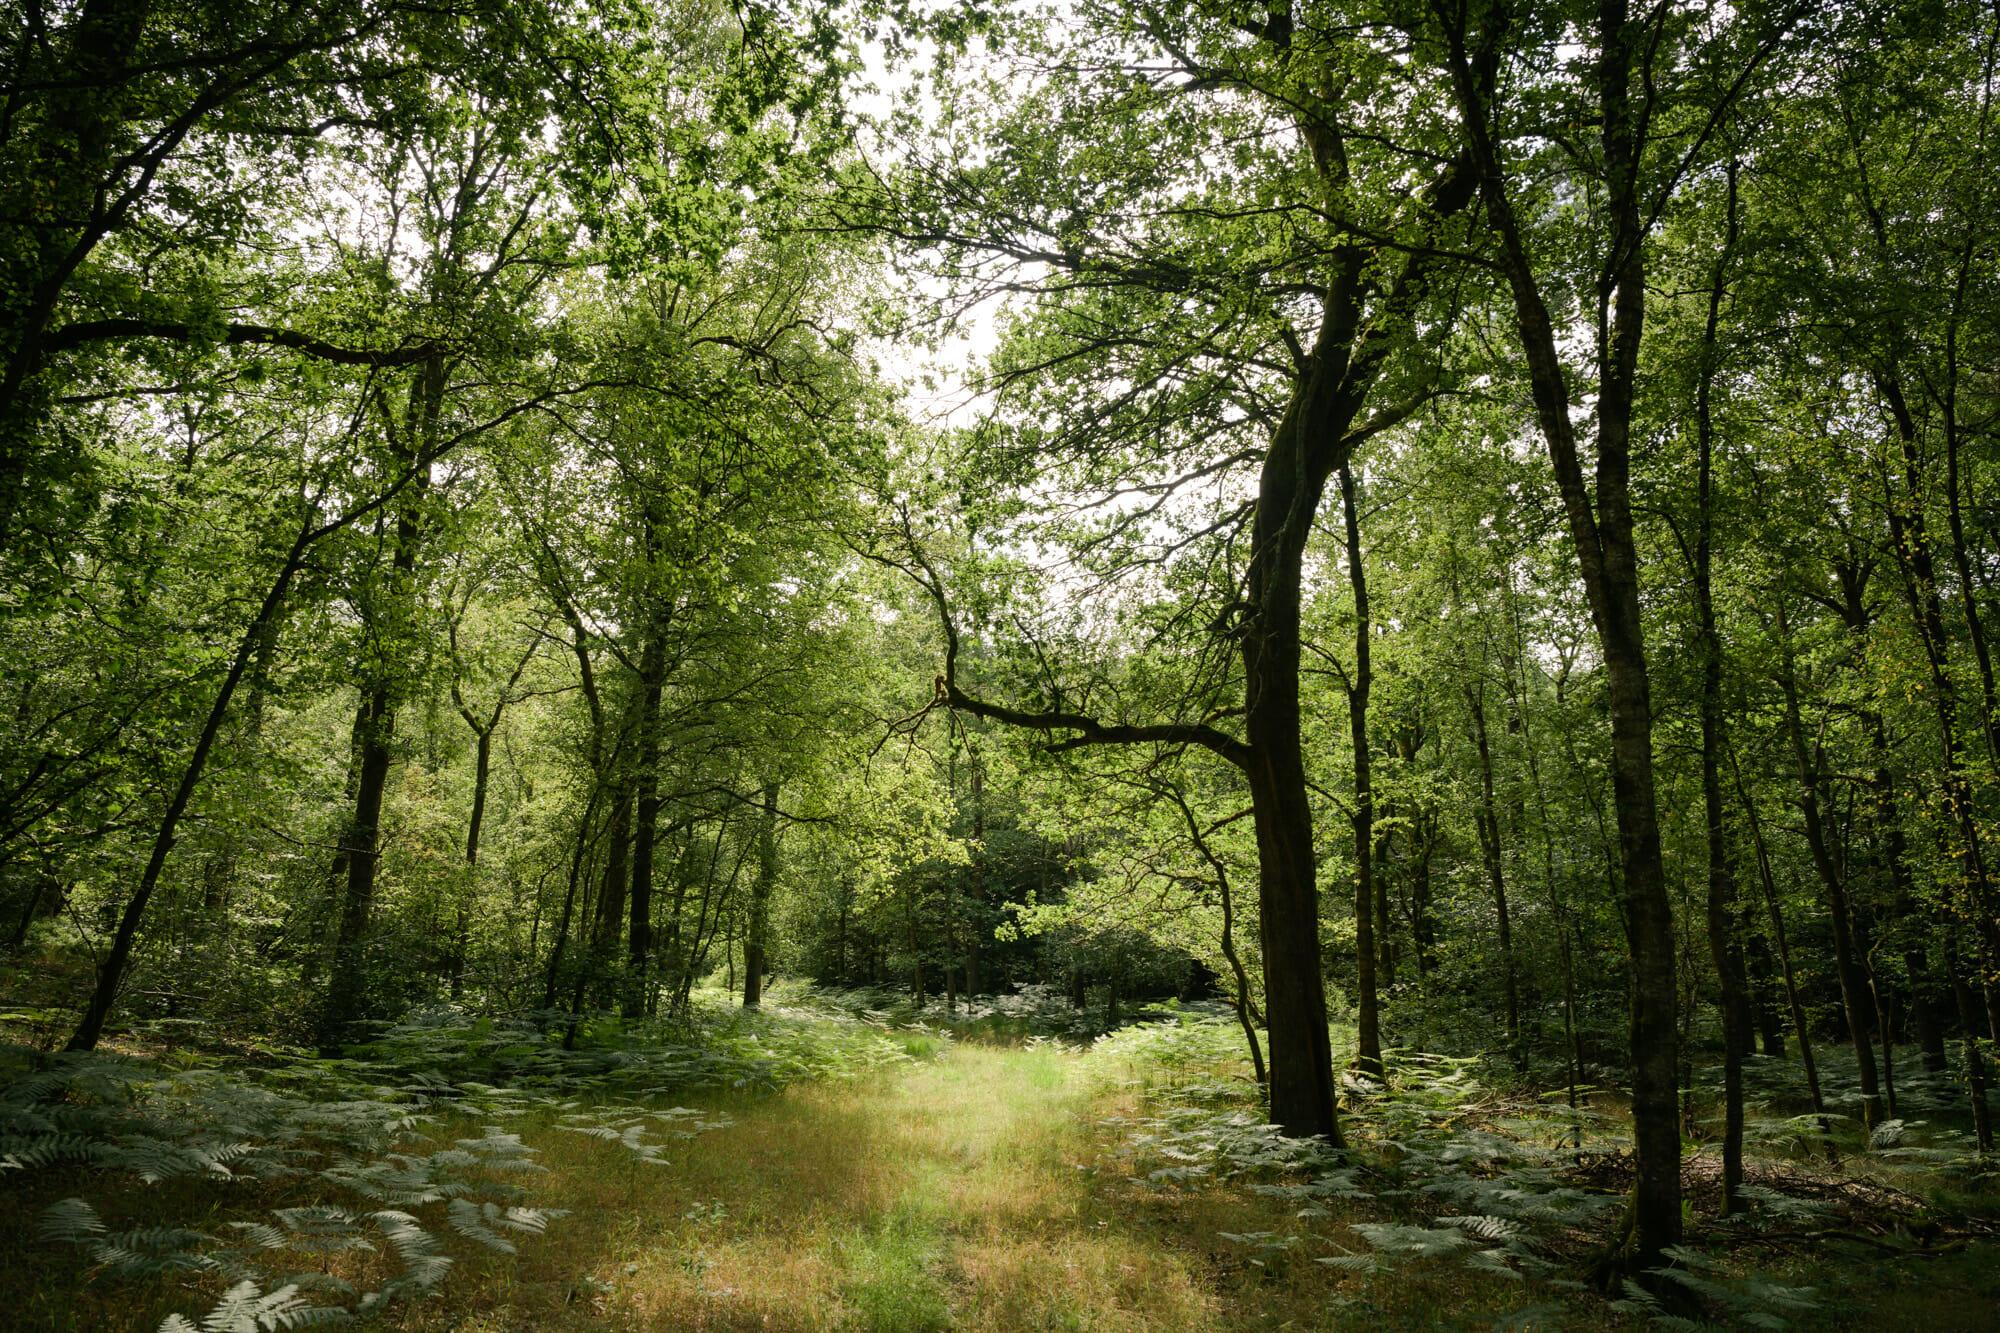 Forêt d'Ardenne en Province de Namur